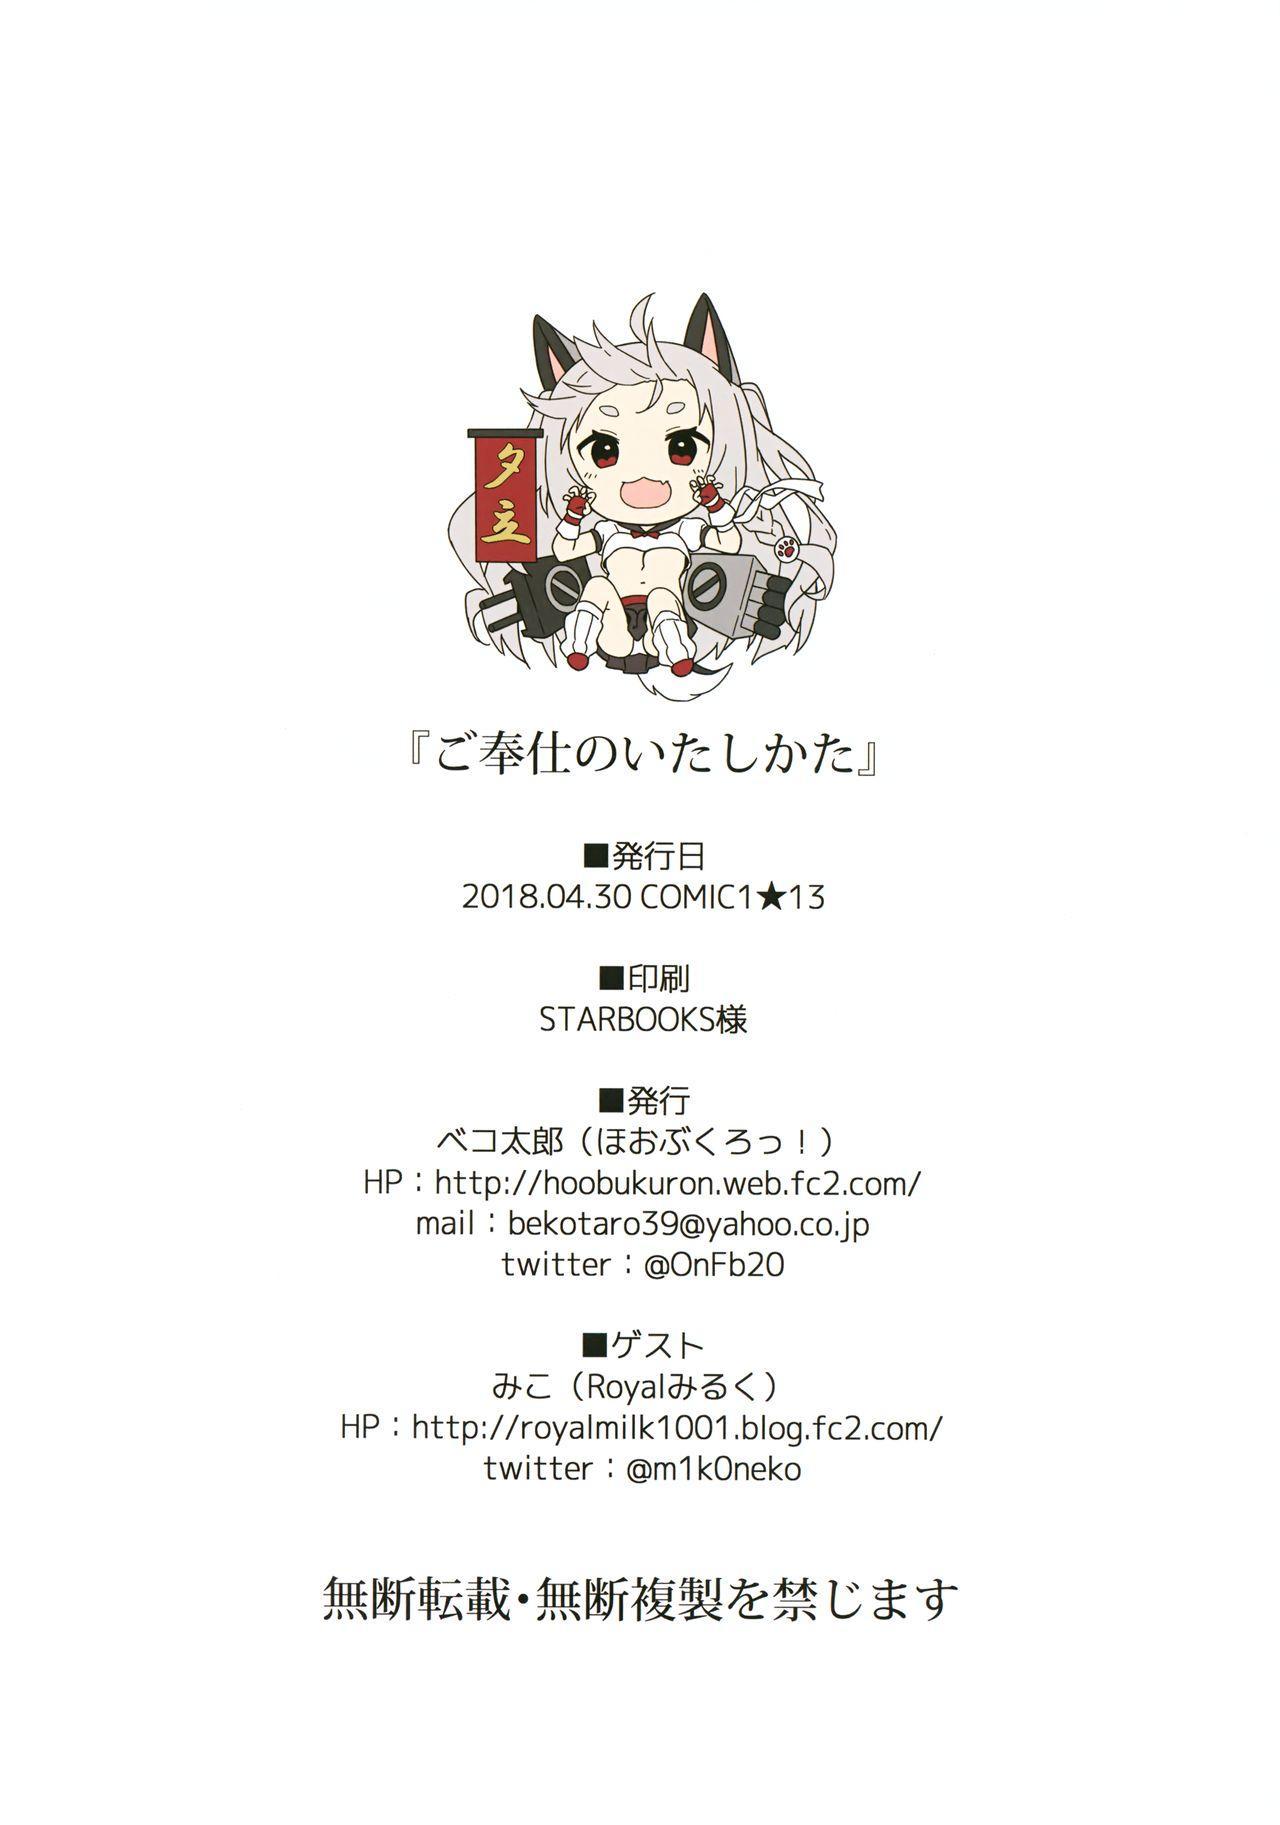 Gohoushi no Itashikata. 22